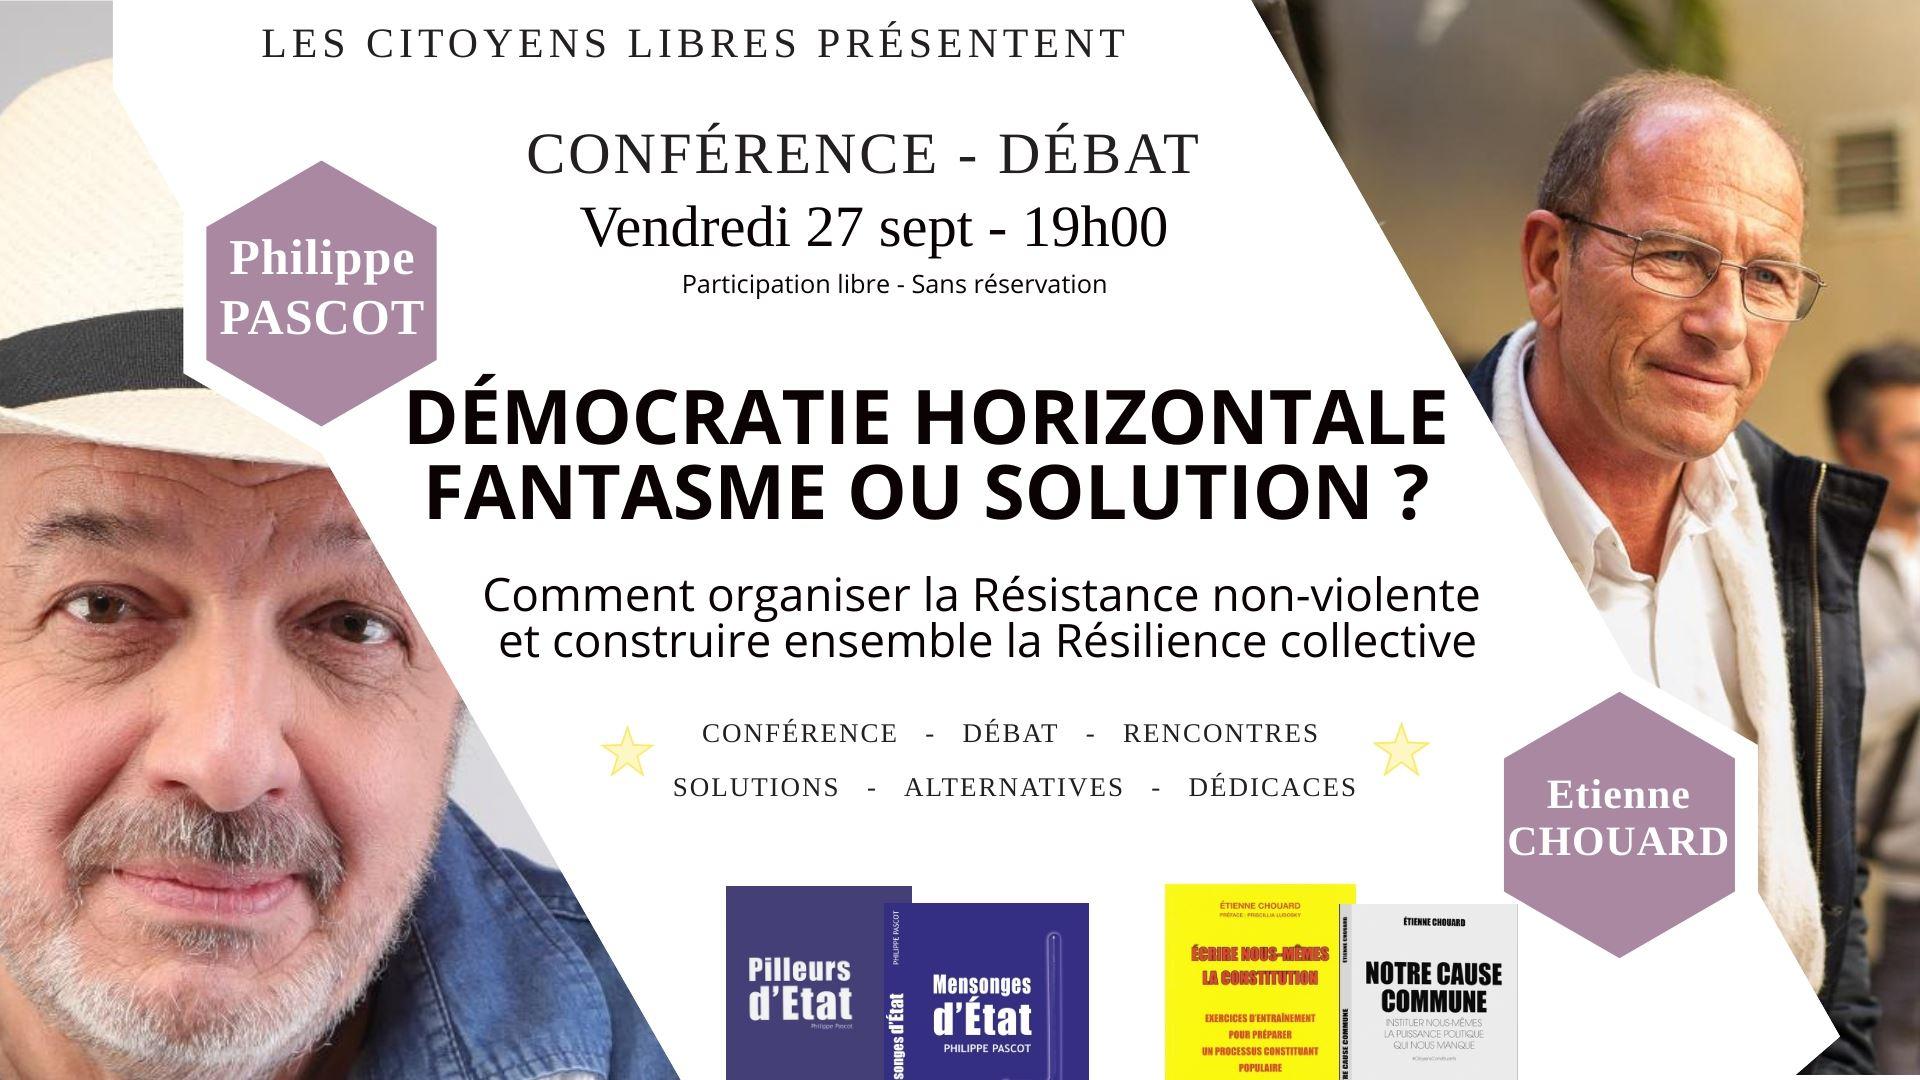 Rendez-vous à Anglet (entre Biarritz et Bayonne), vendredi 27 septembre 2019, avec Philippe Pascot